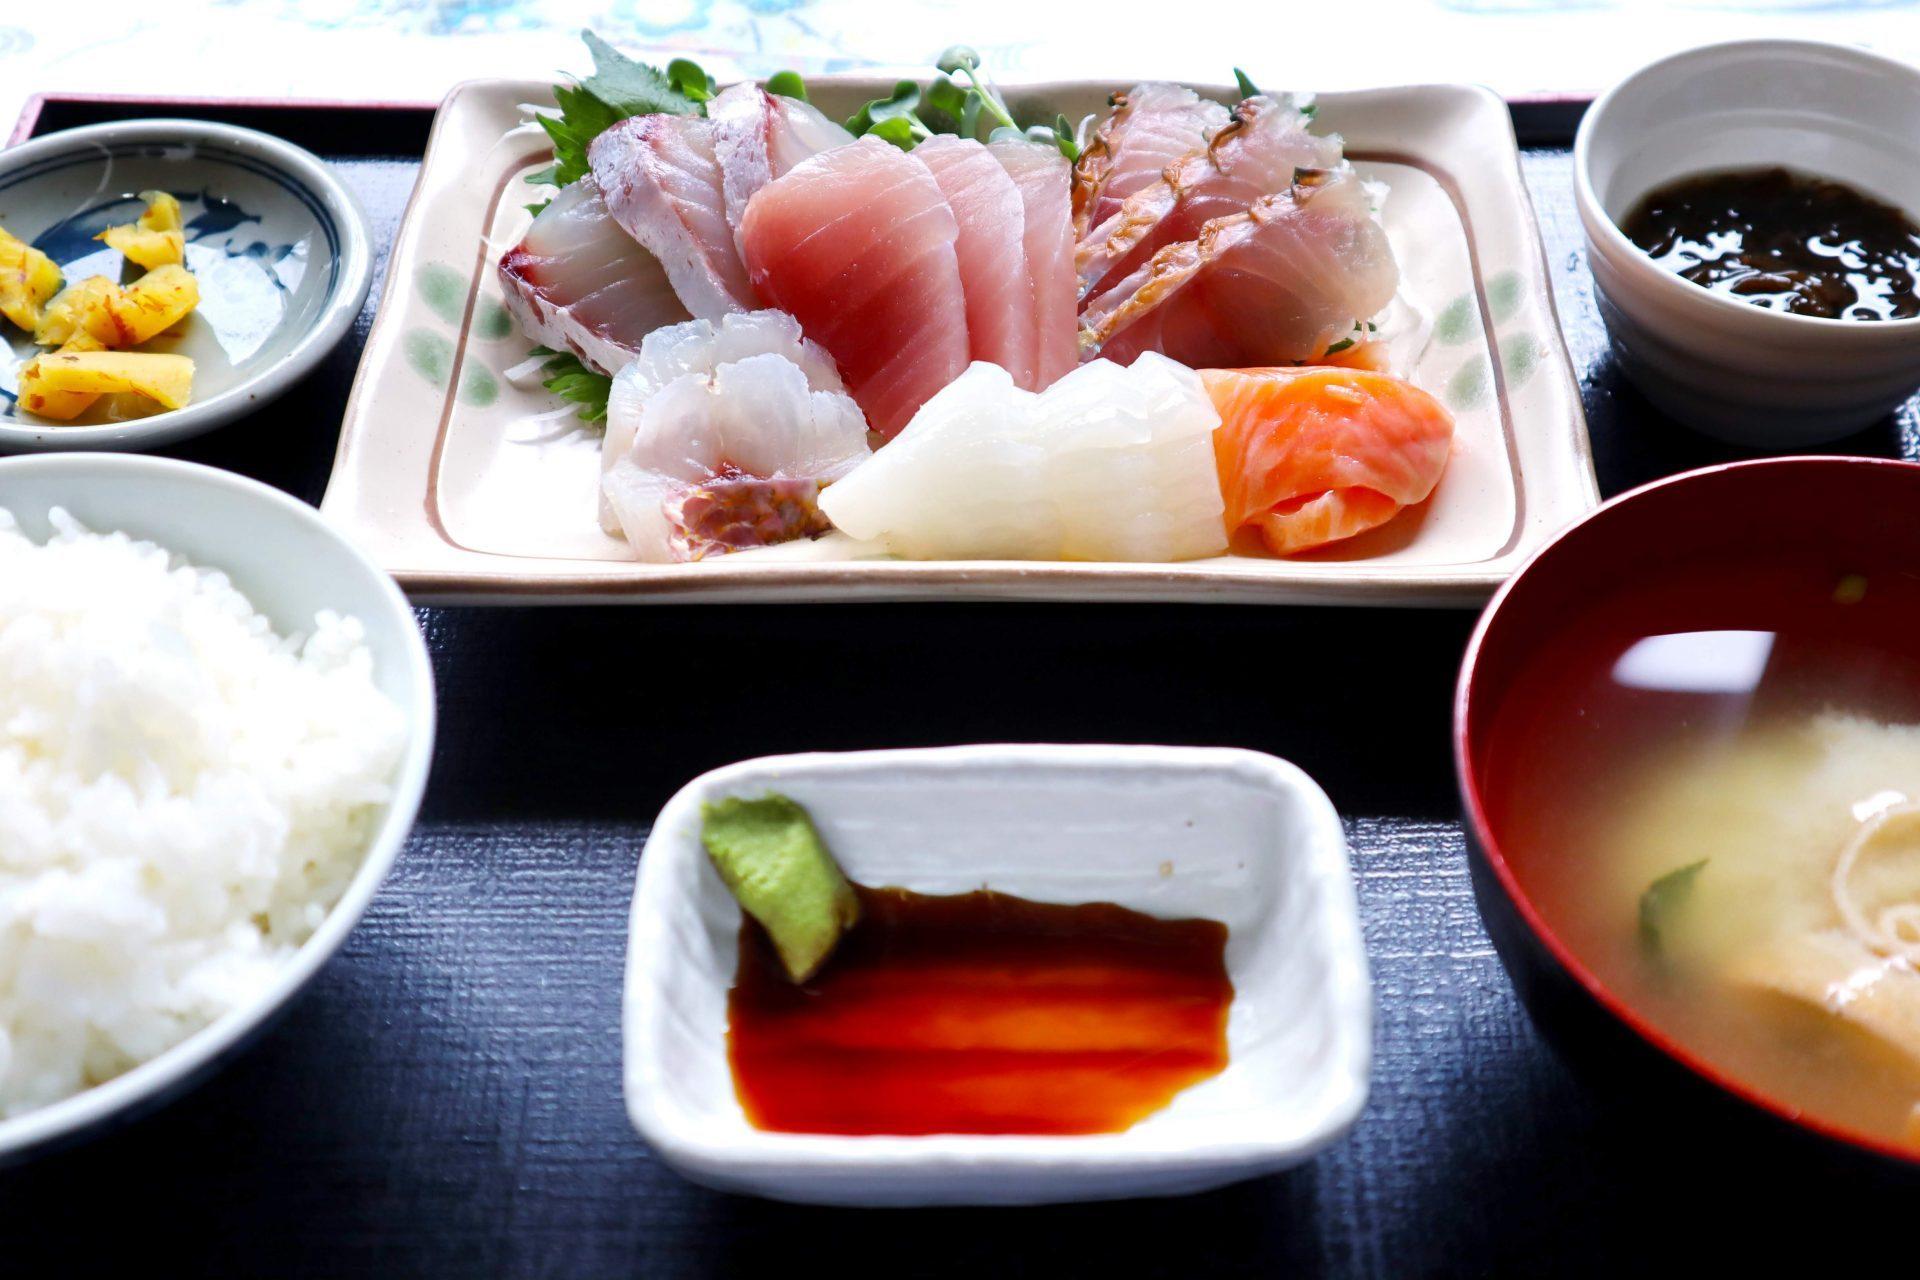 名護市 おすすめ 食堂 ランチ 沖縄 昼食